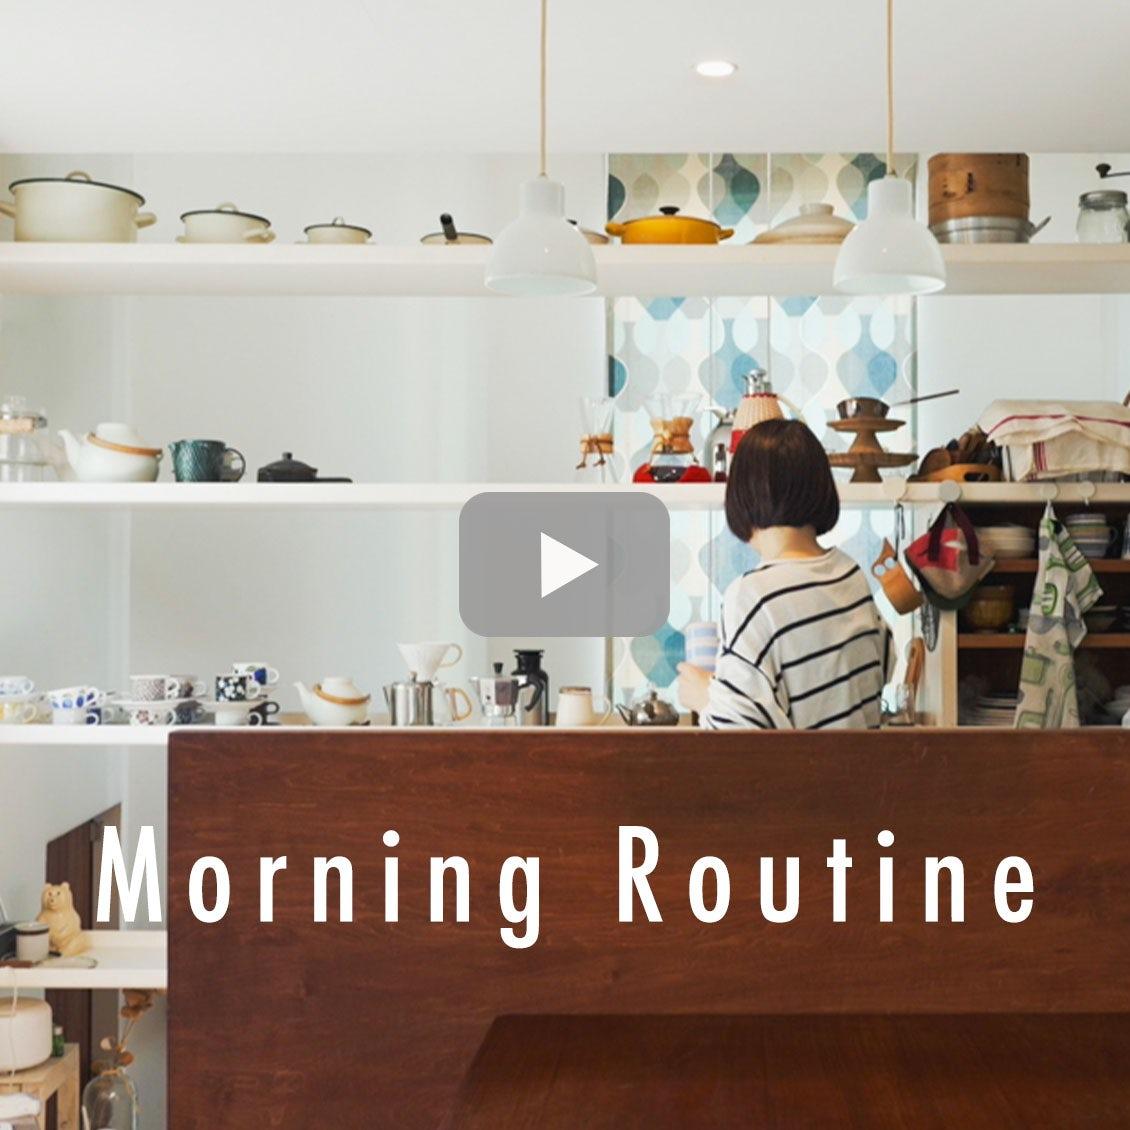 【わたしの朝習慣】仕事前のひとり時間を有効活用。気分に合わせて選ぶ「朝ごはんのお供」